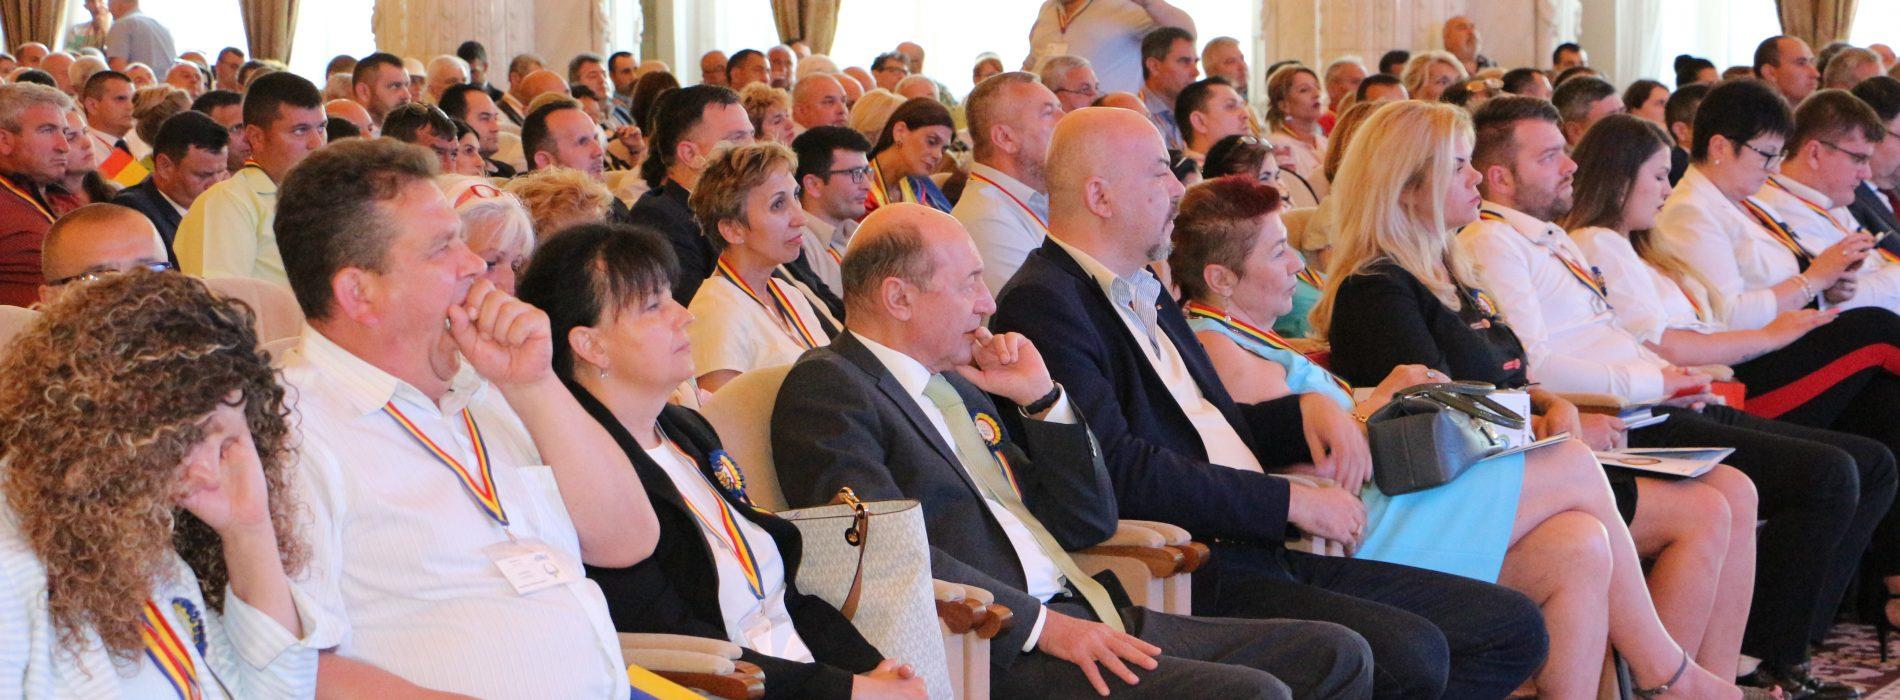 Corespondență. Traian Băsescu a PĂRĂSIT prezidiul și a COBORÂT de pe scenă! Află motivul